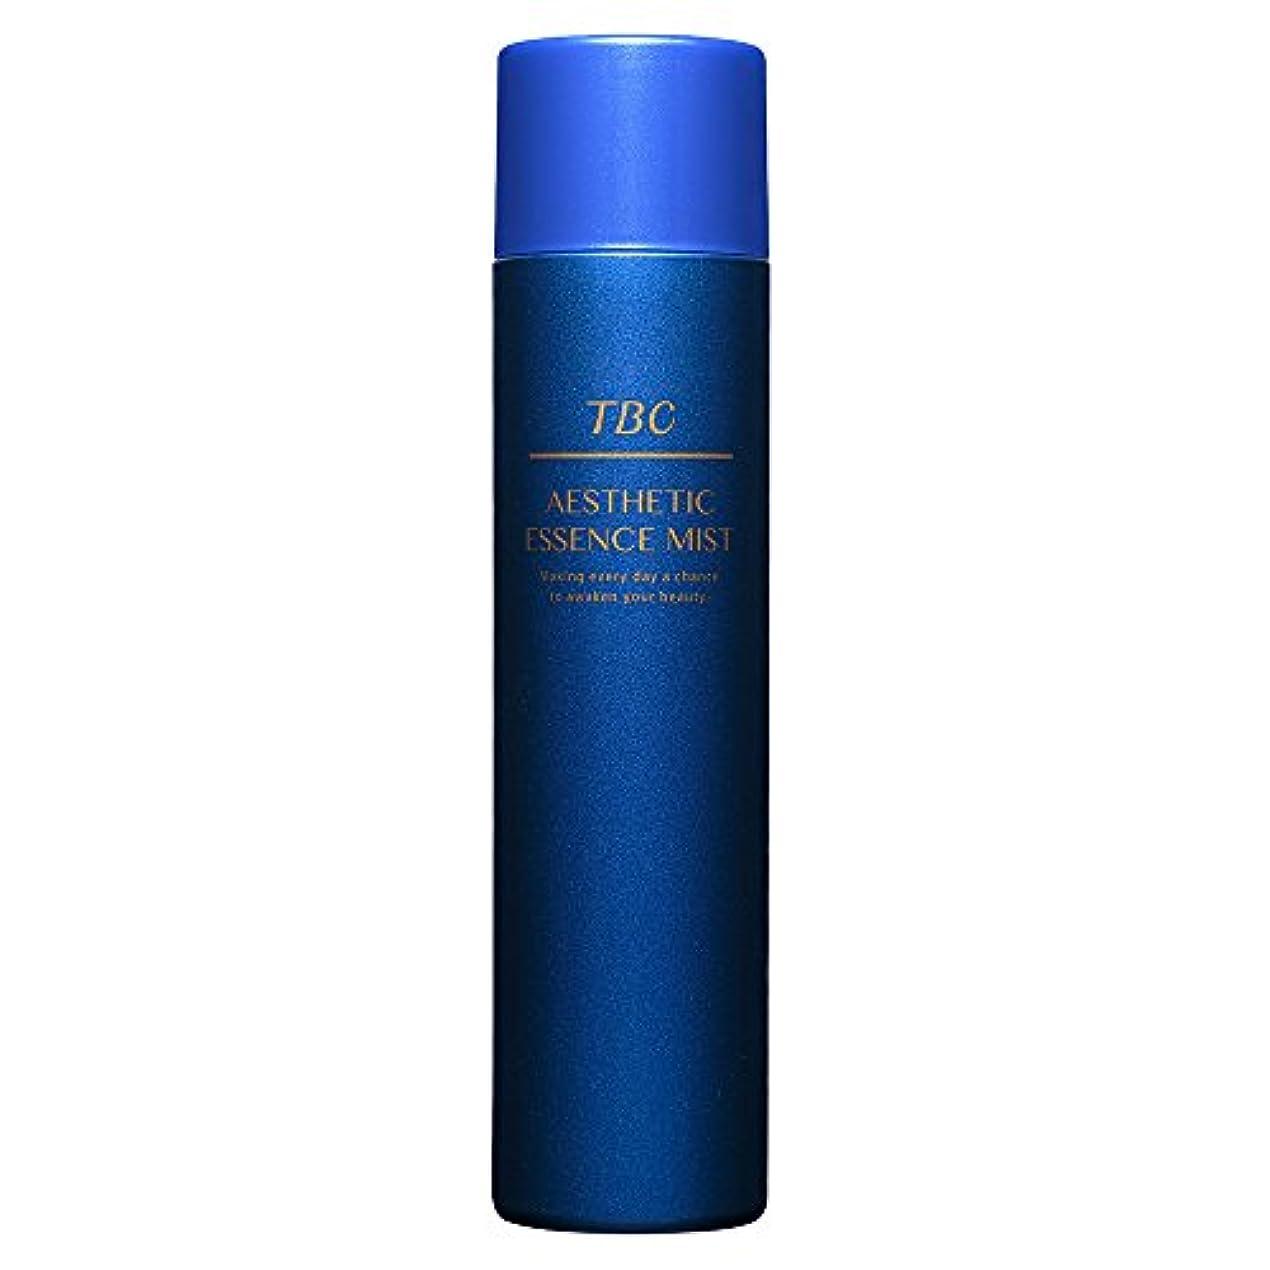 コンパニオンずるい純正TBC エステティックエッセンスミスト 化粧水/炭酸ミスト/美容液/スプレータイプ/エステ